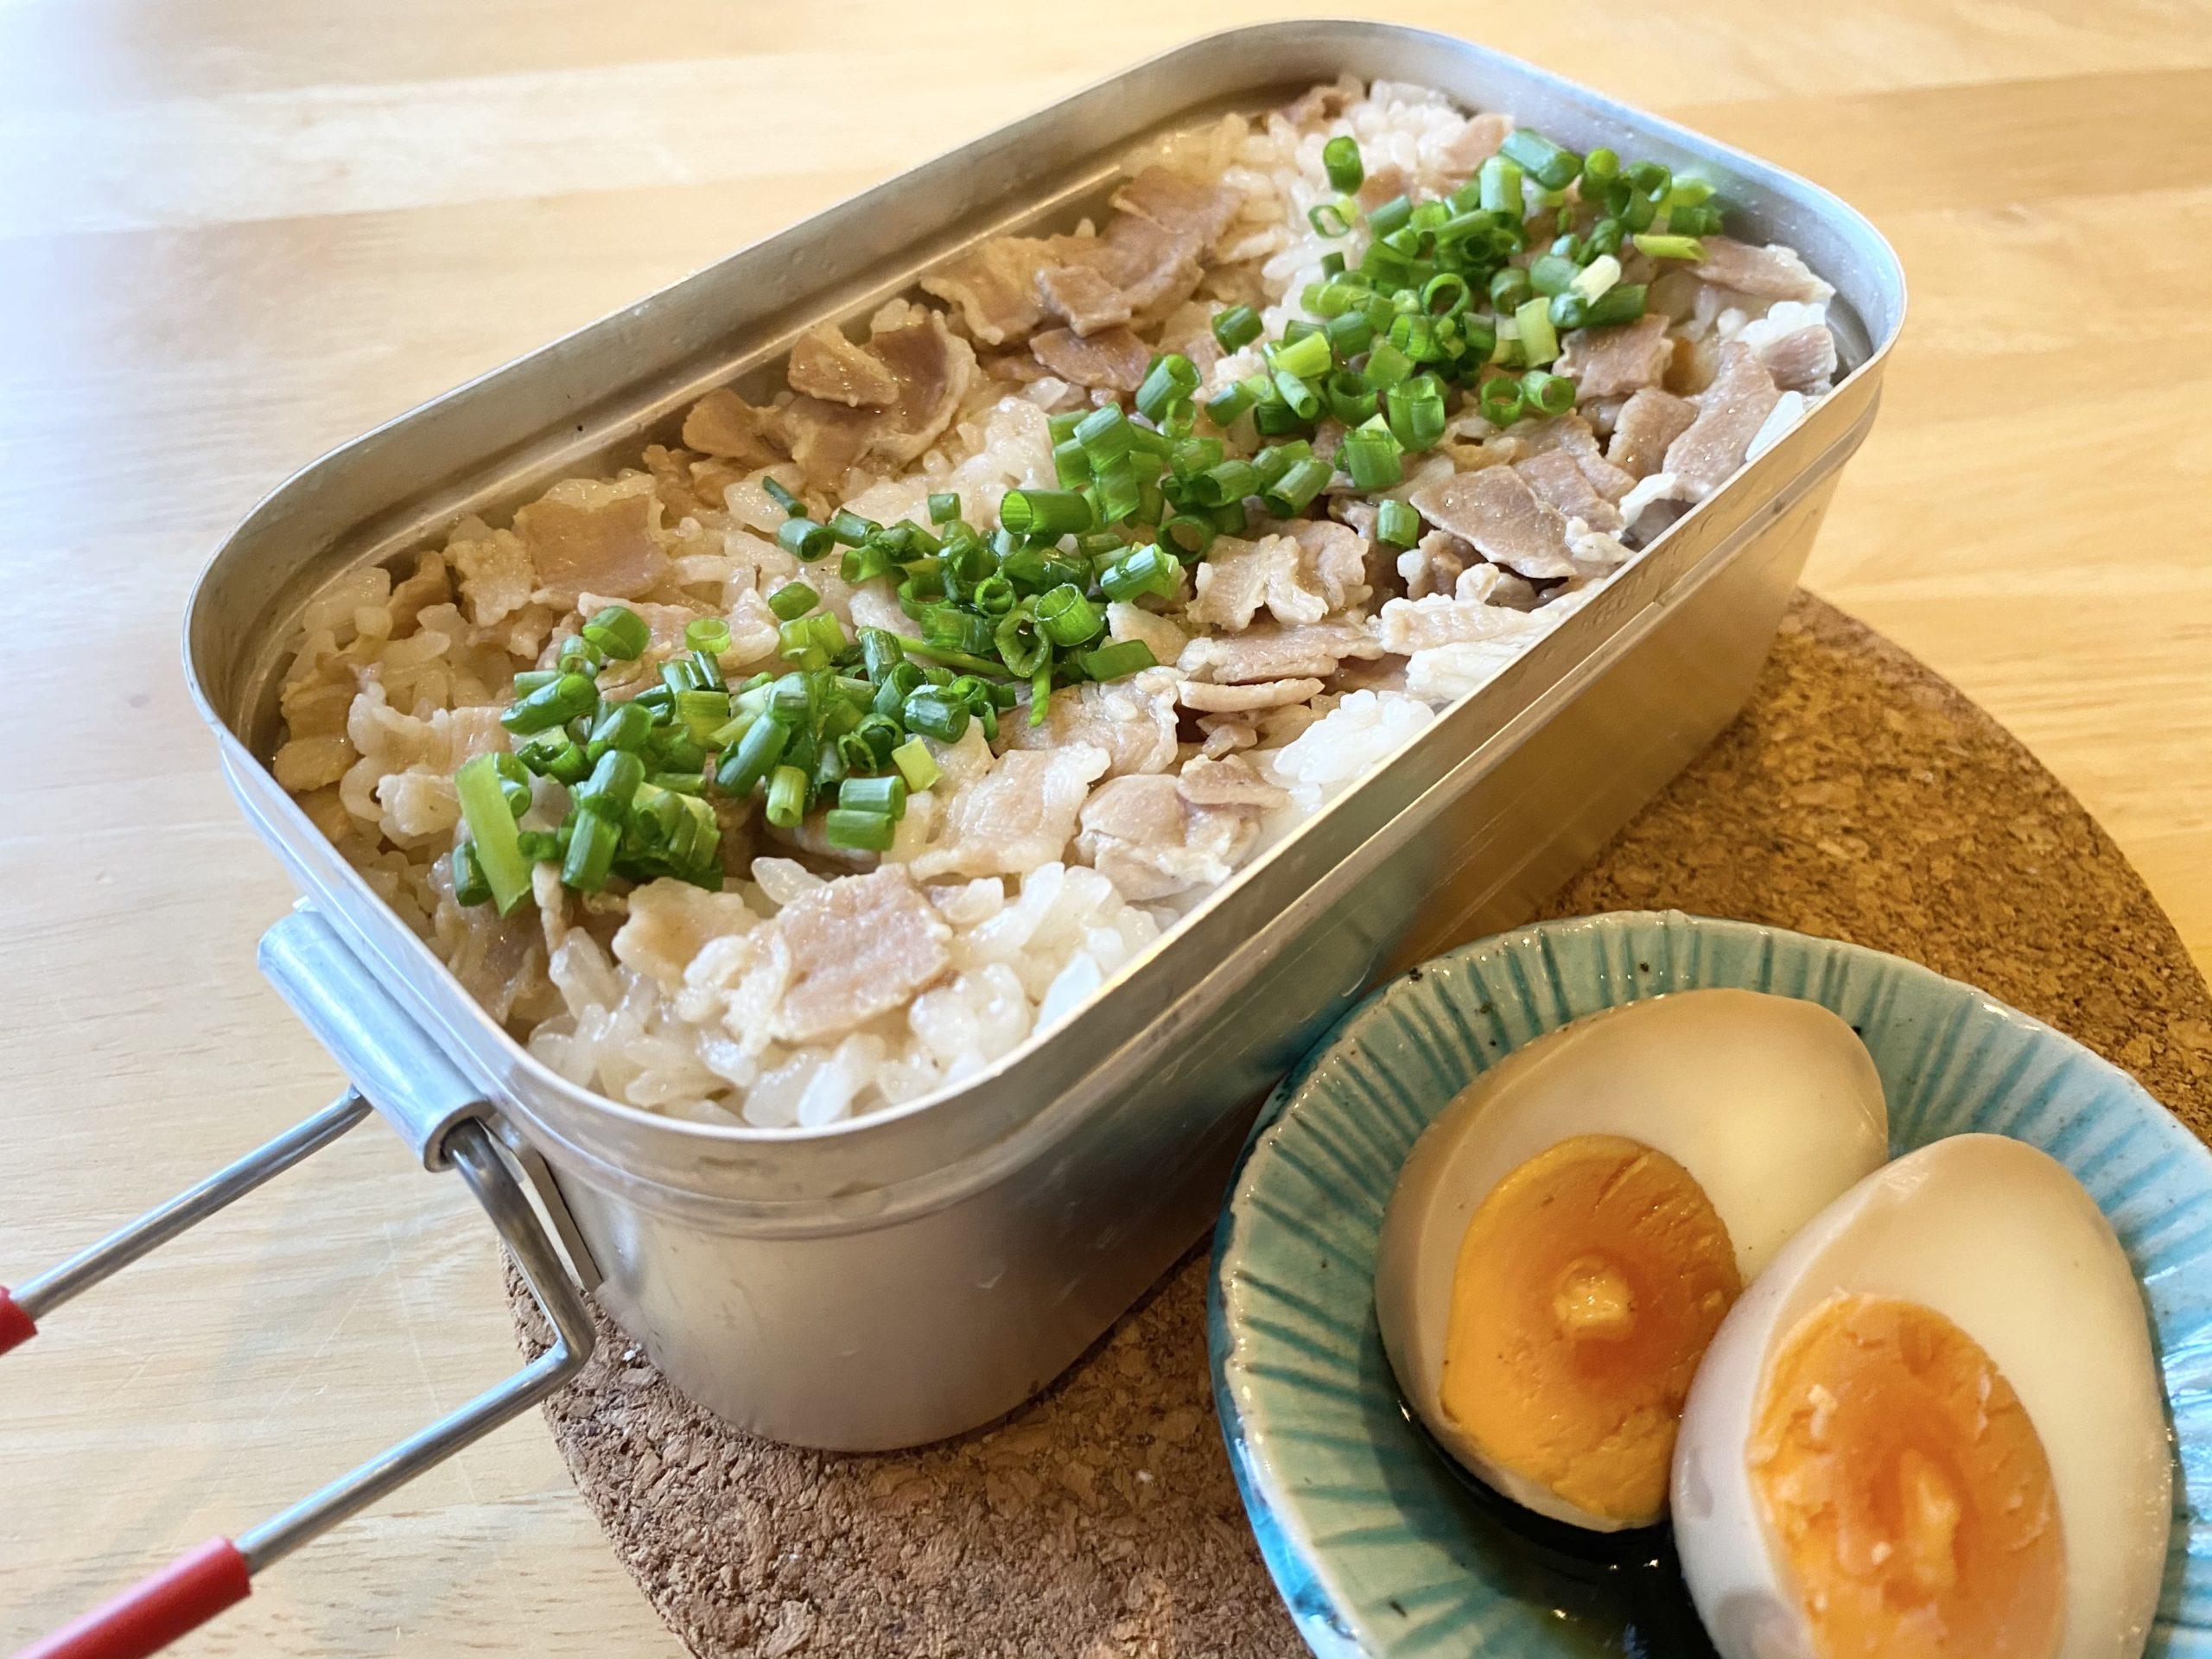 メスティン飯「煮卵タレを使った豚バラ炊き込みご飯」のレシピ